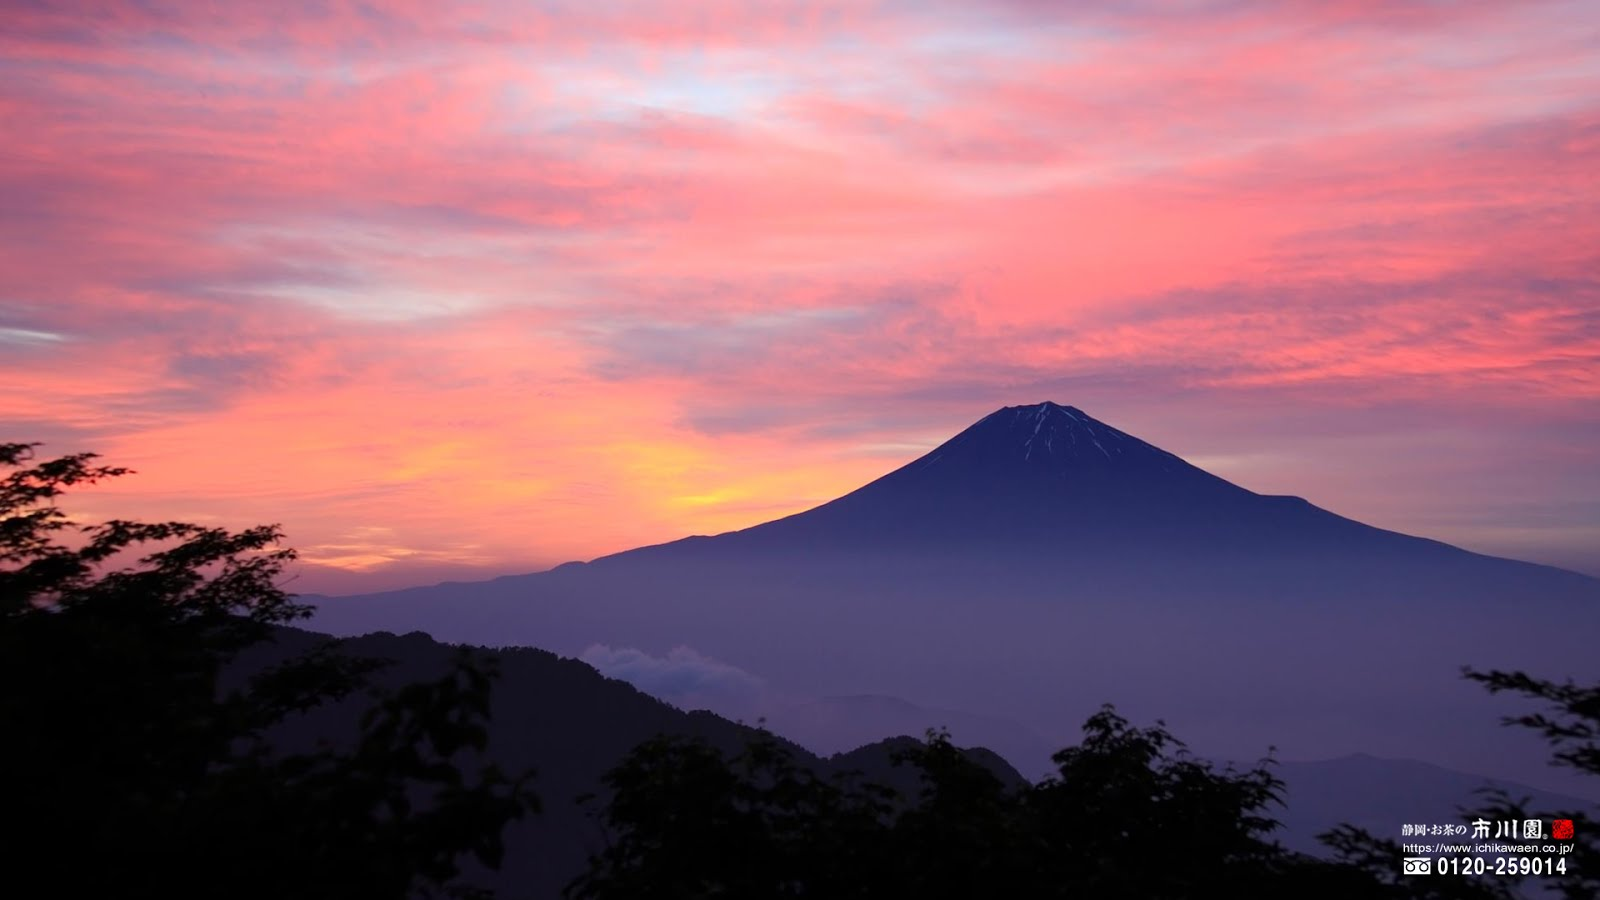 @ 市川オリ園ジナル ~ 富士山四季 2004-2017 壁紙ダウンロード